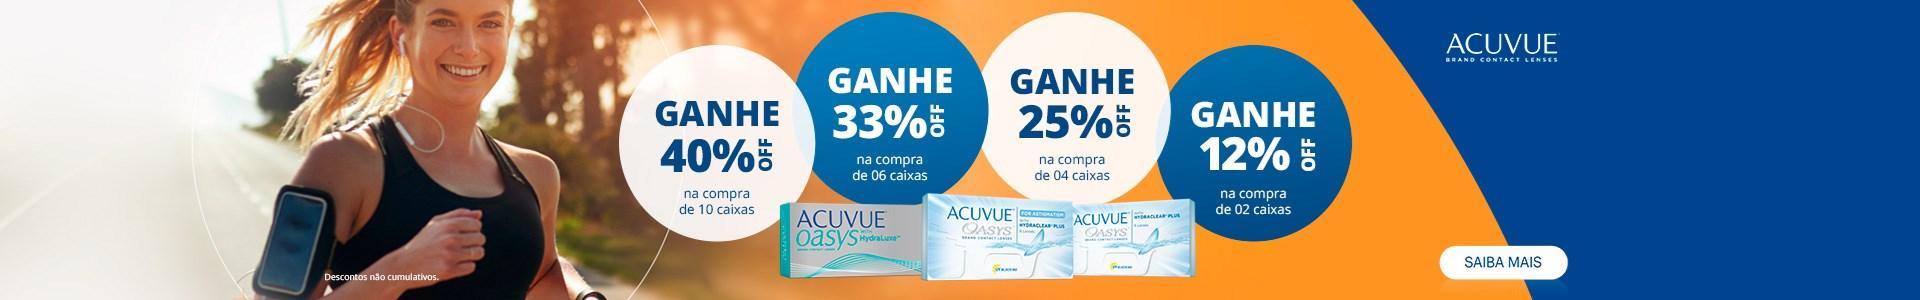 Promoção Acuvue